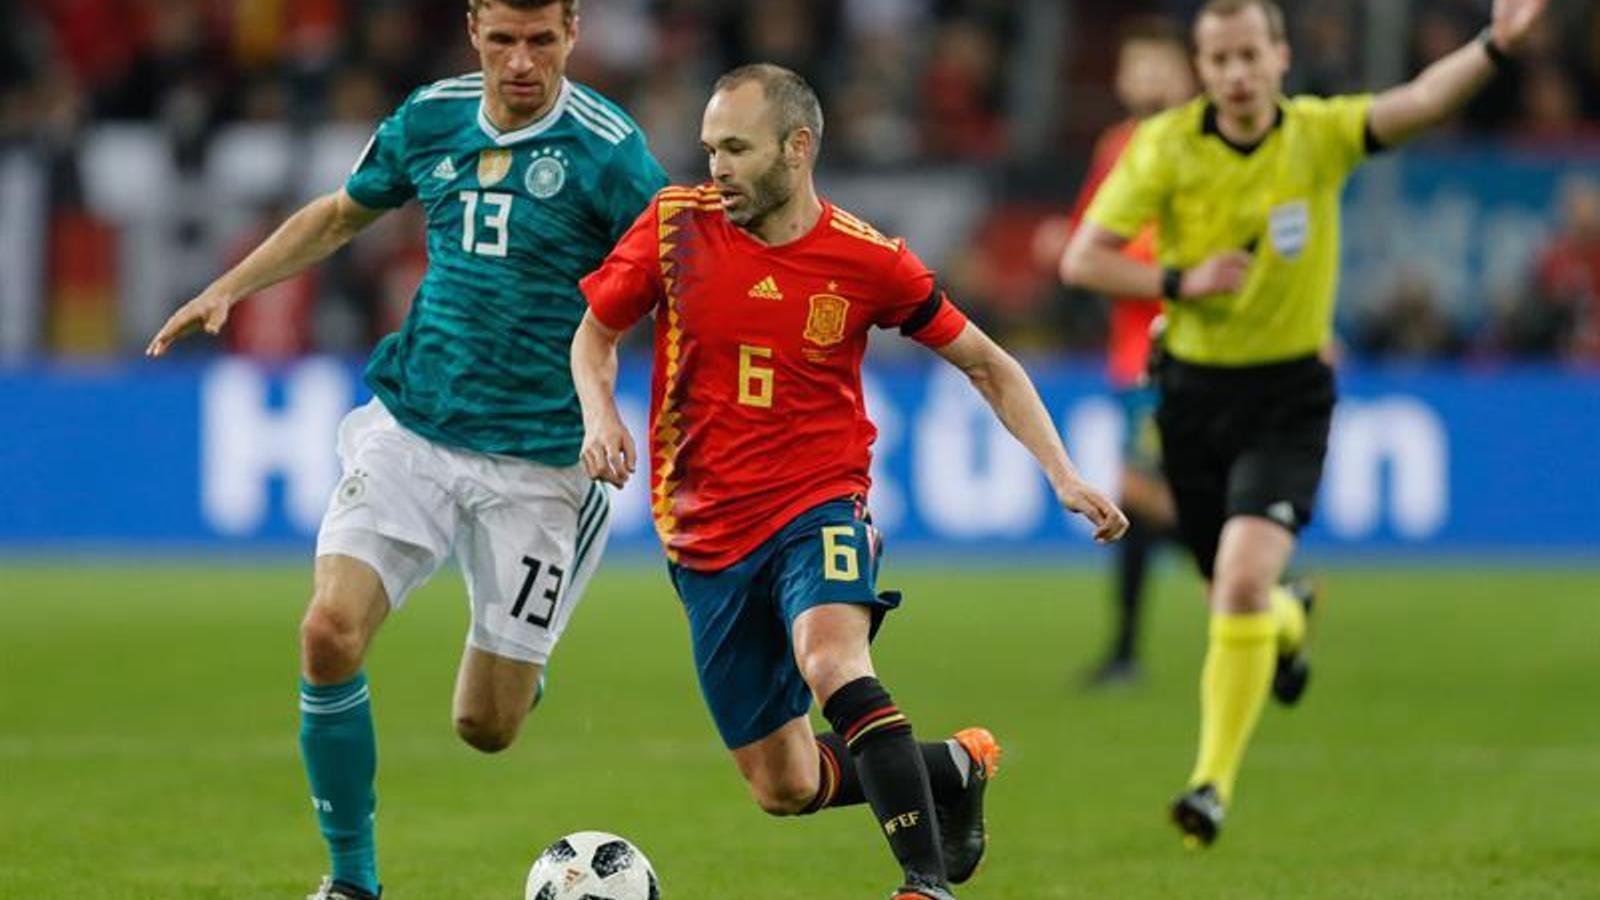 L'Argentina guanya sense Messi i Espanya empata a Alemanya